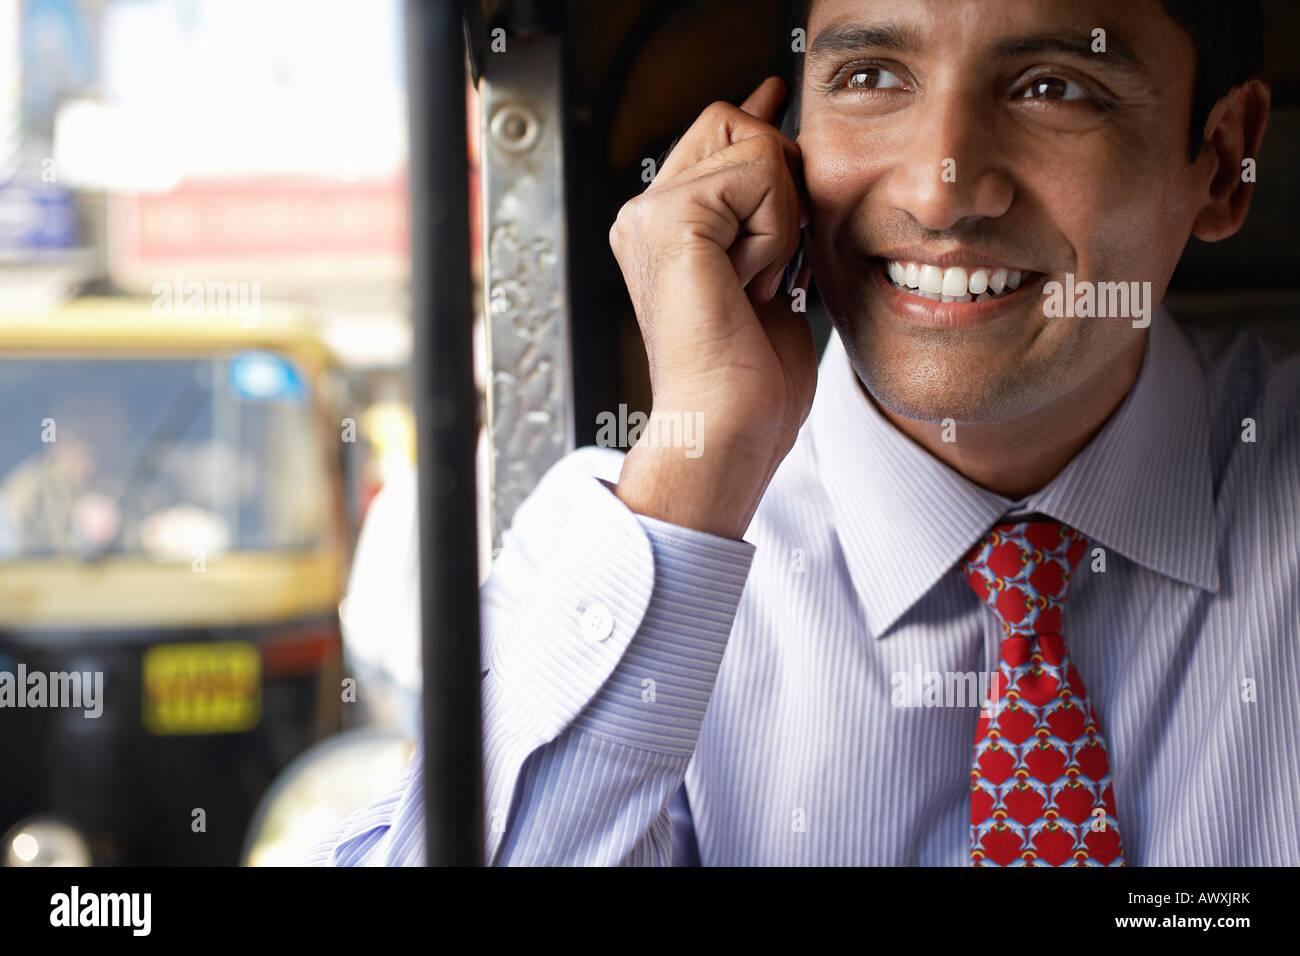 Hombre de negocios mediante teléfono móvil, sonriendo Imagen De Stock